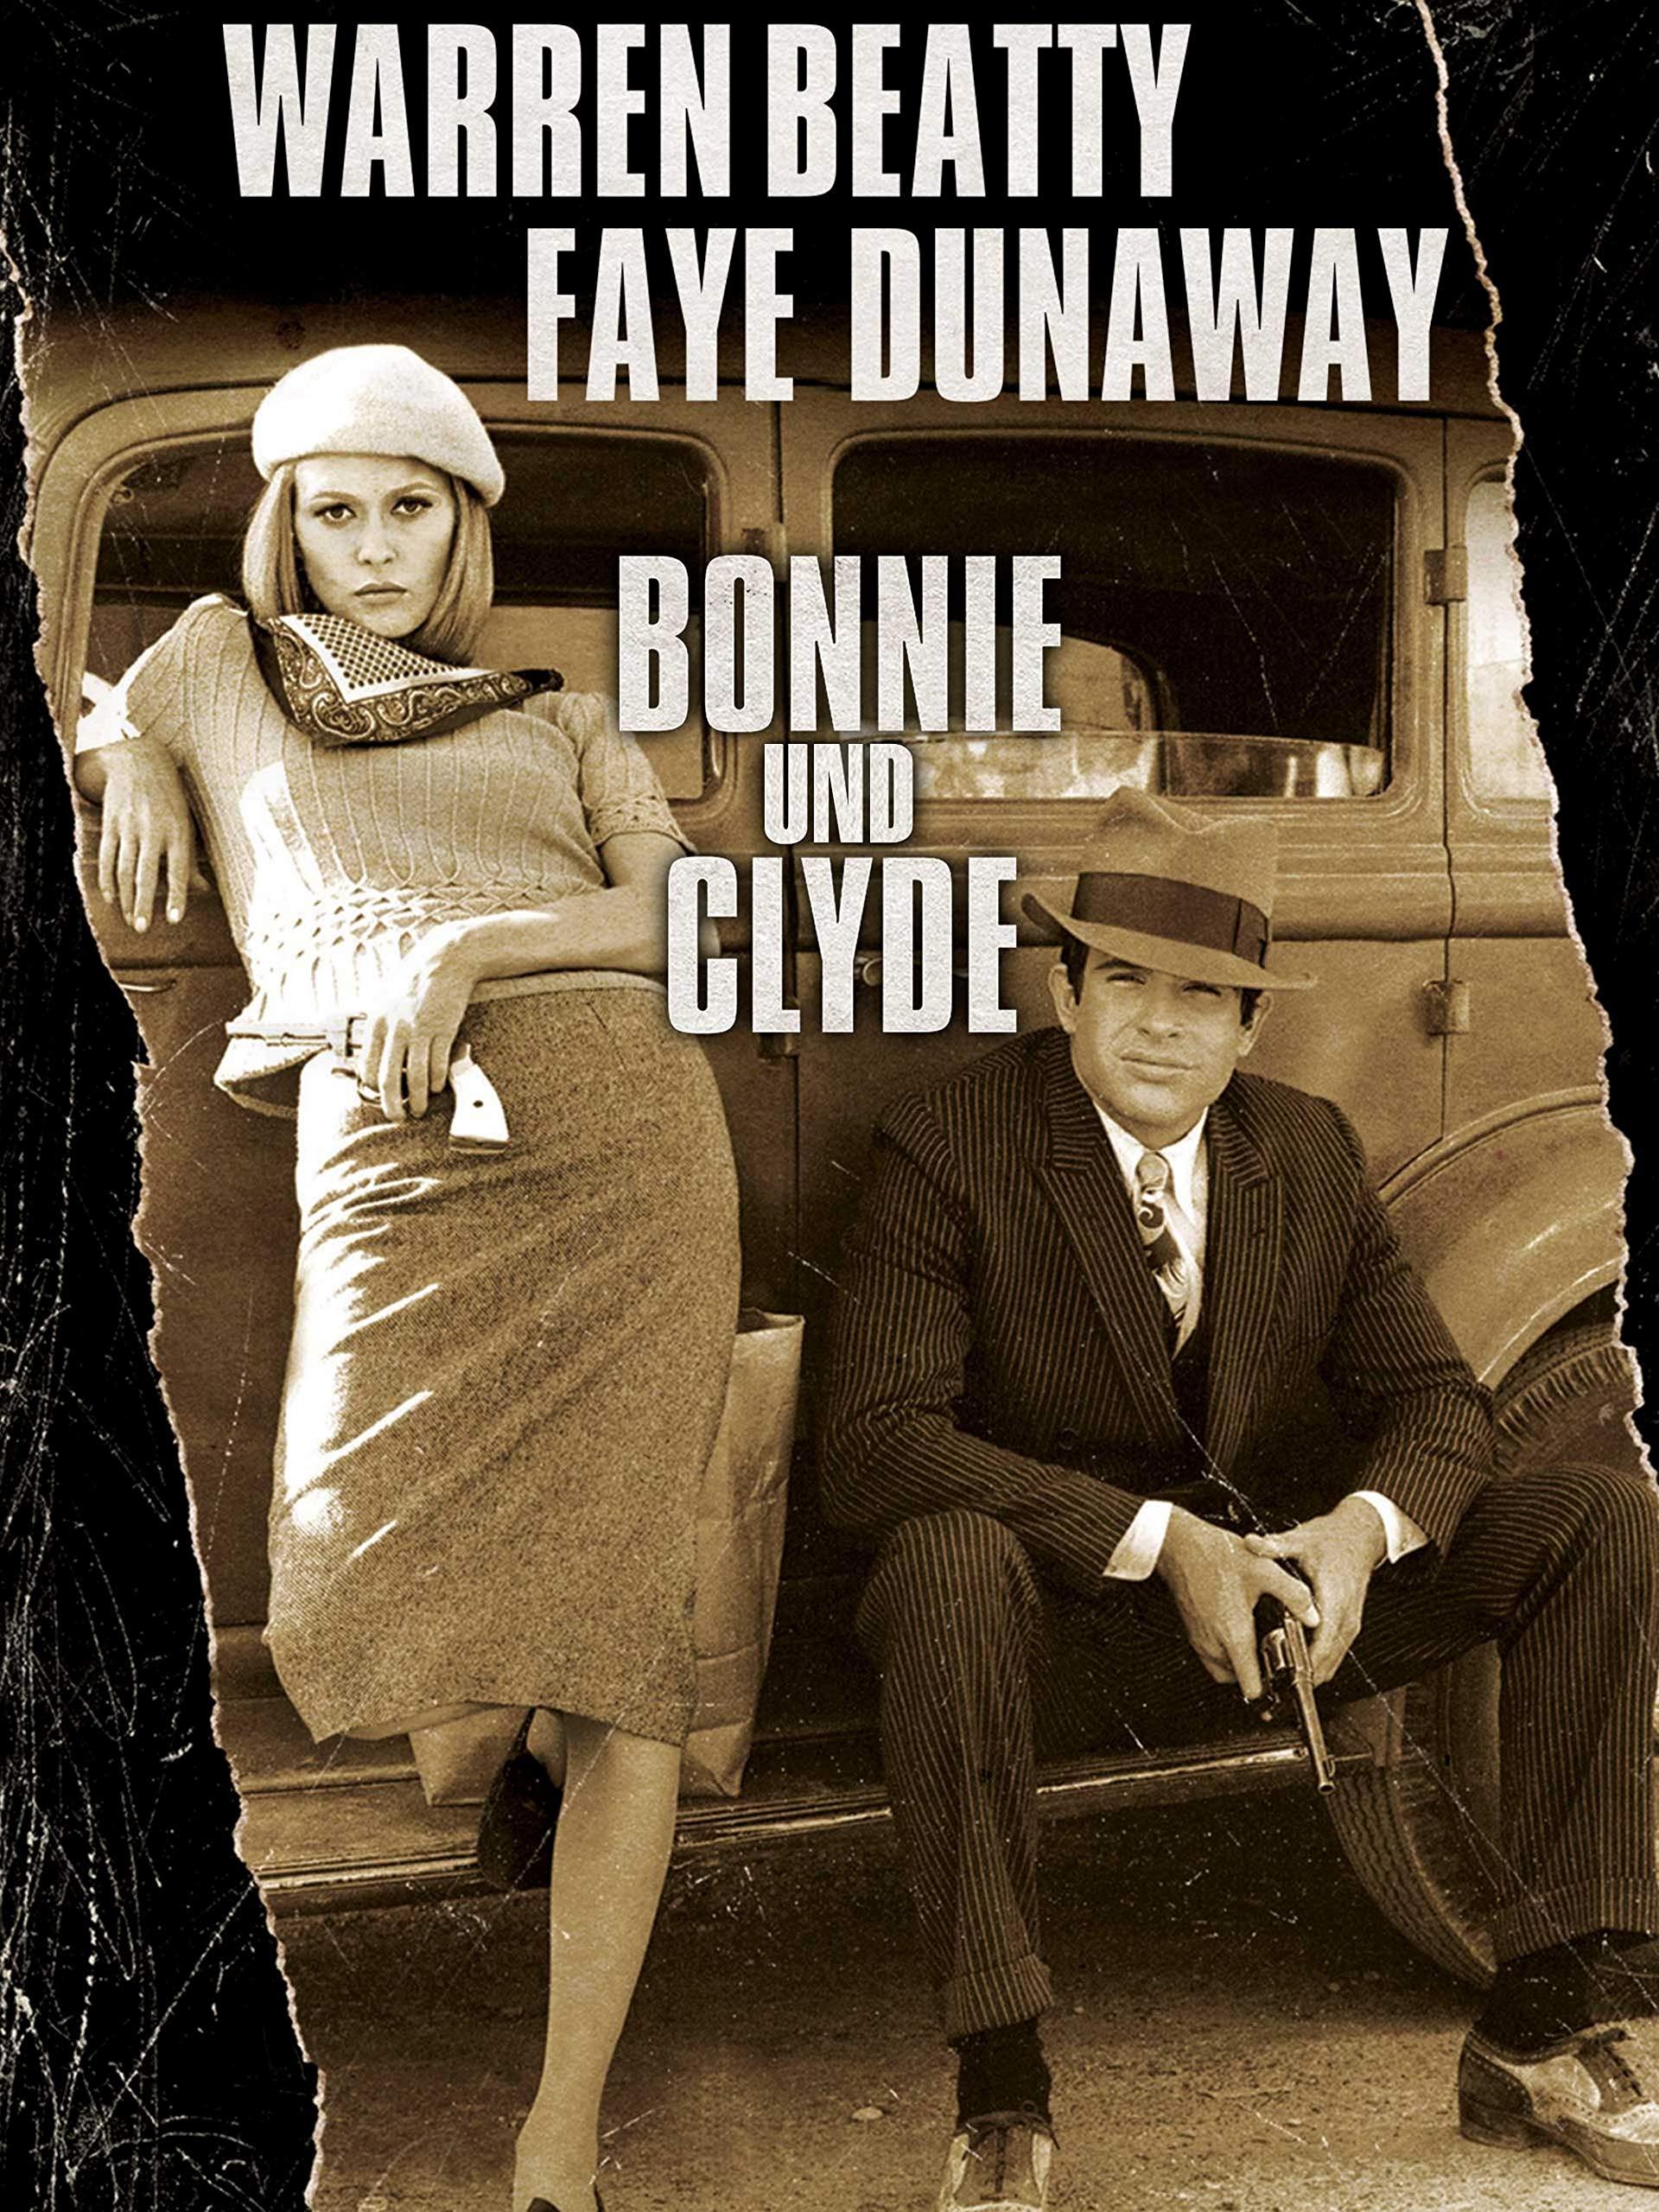 Waren clyde und wer bonnie '03 Bonnie